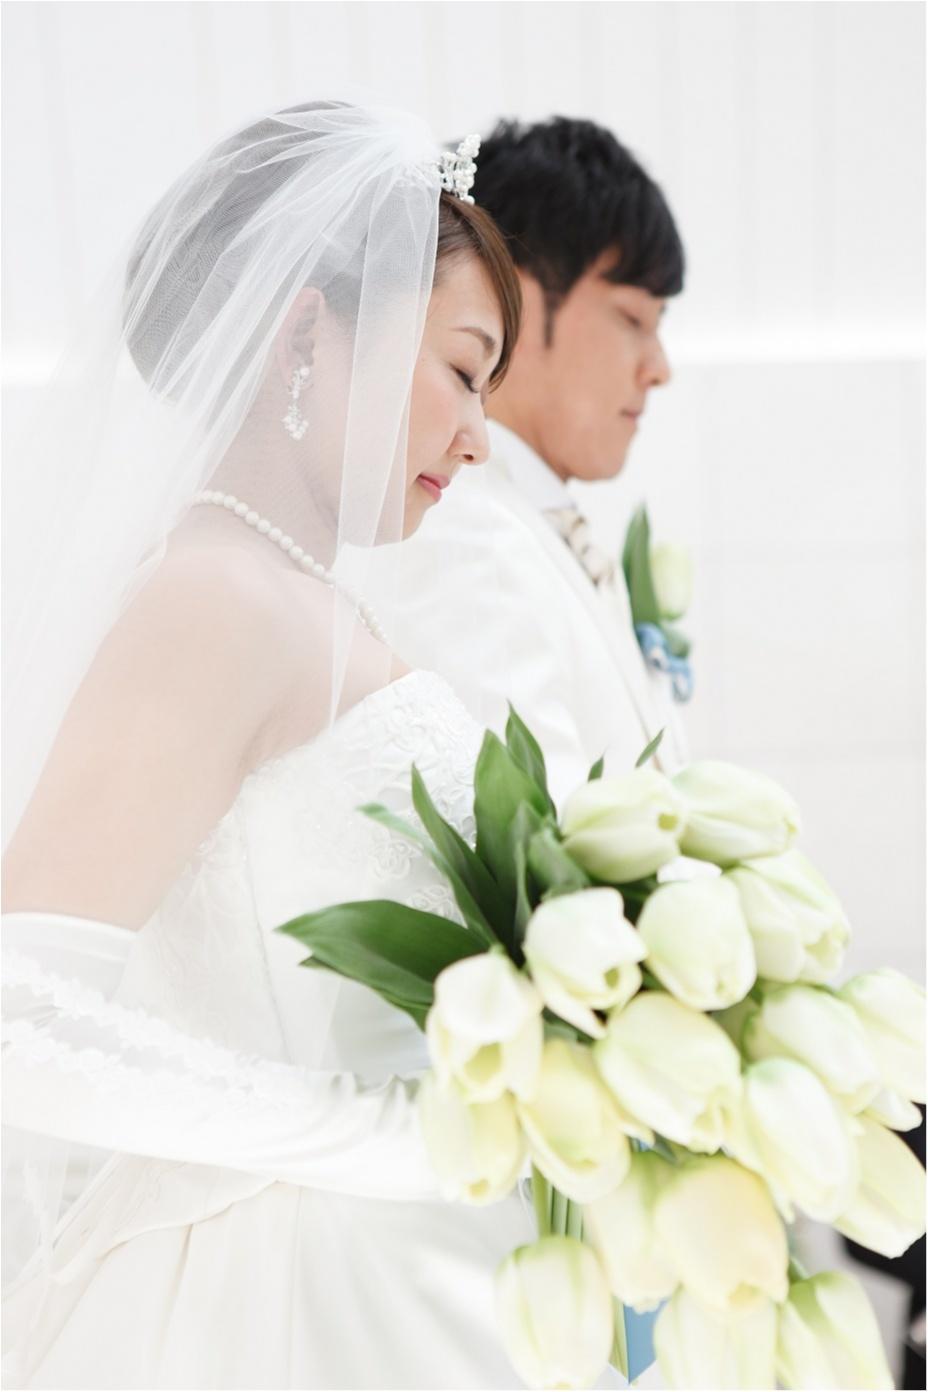 【2】都心のど真ん中で独立型チャペルでの挙式が叶う!#さち婚_14